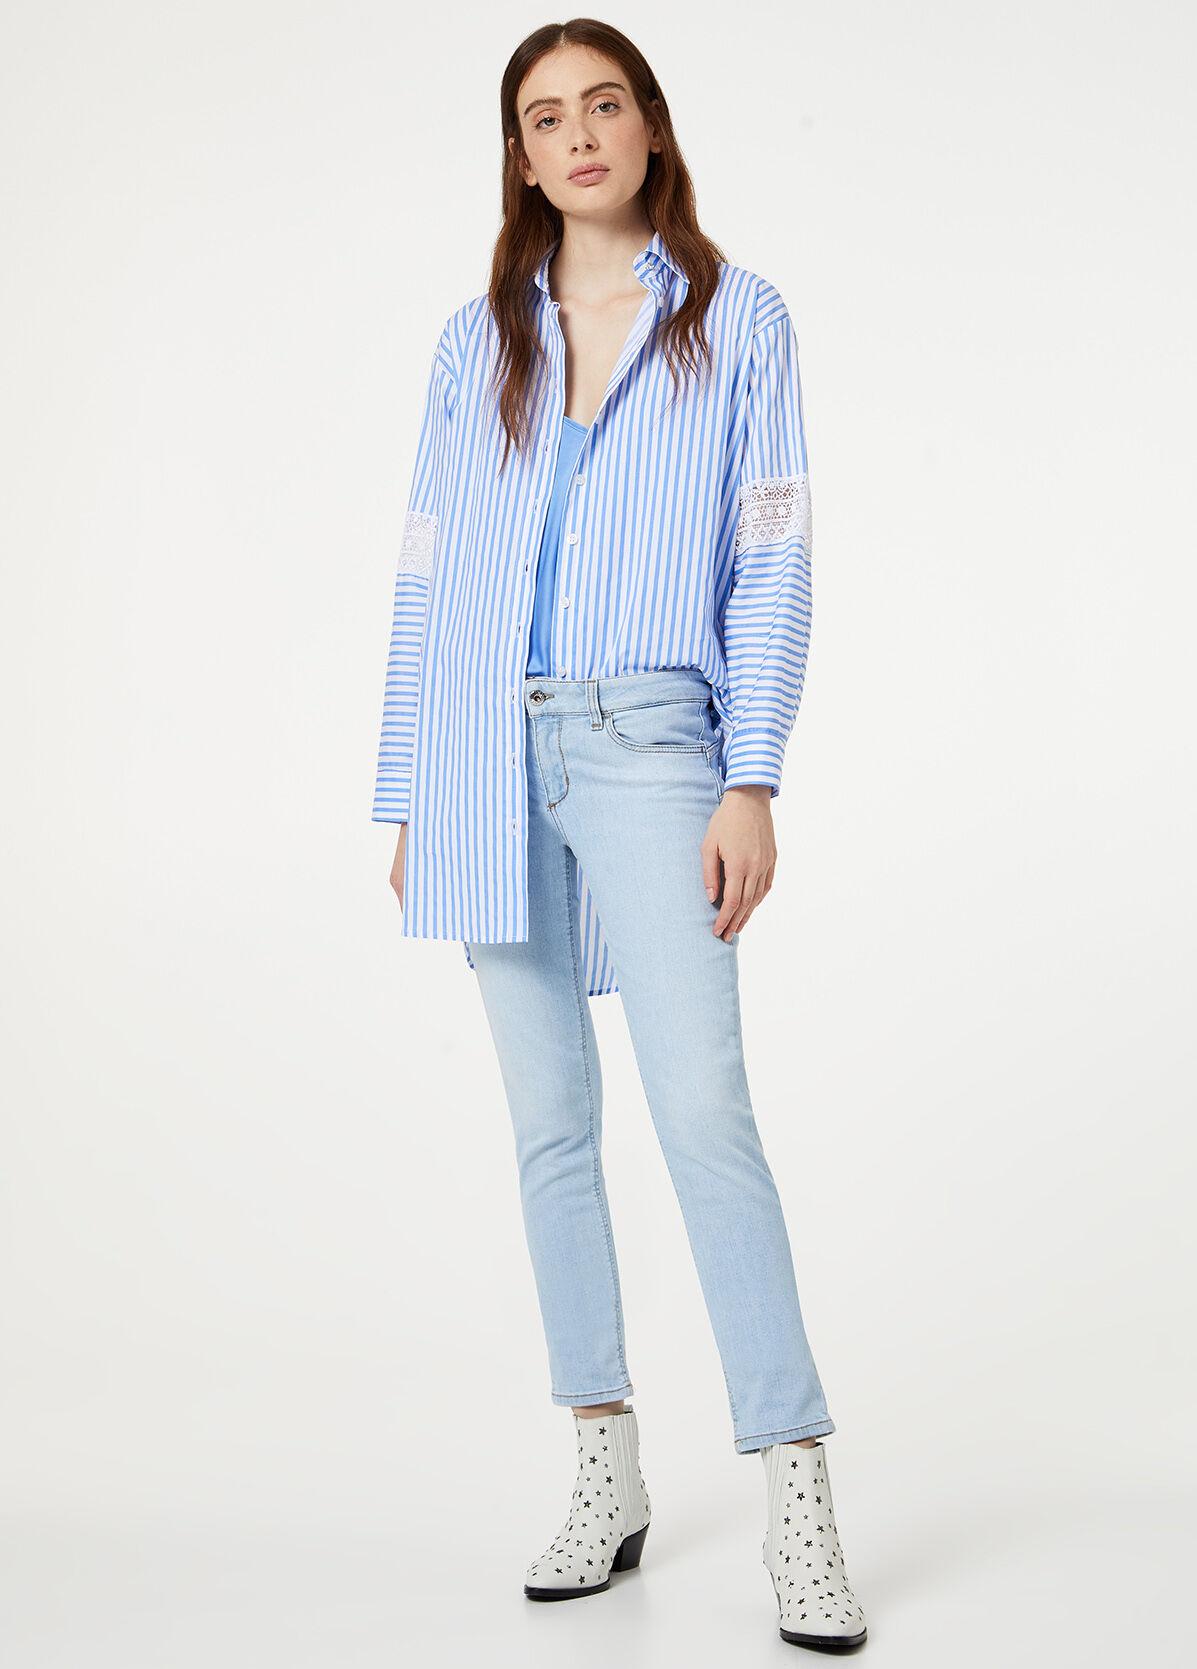 Camicia con stampa tigri LIU JO modello W69018T0110